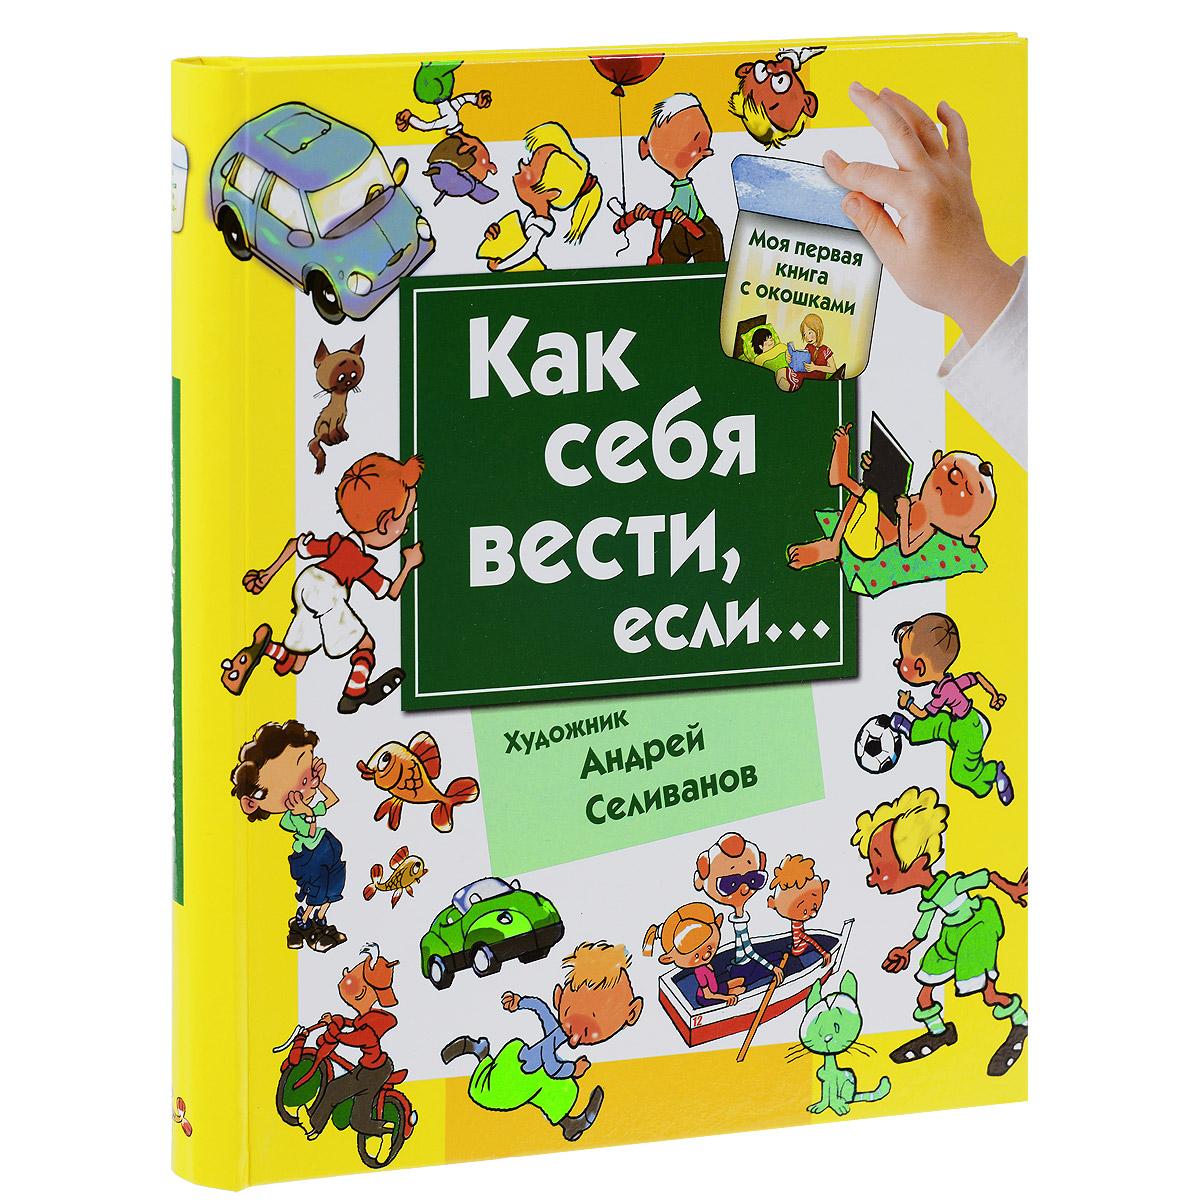 Селиванов А.А. Как себя вести, если... Ты городе, ты на природе. Книга с окошками